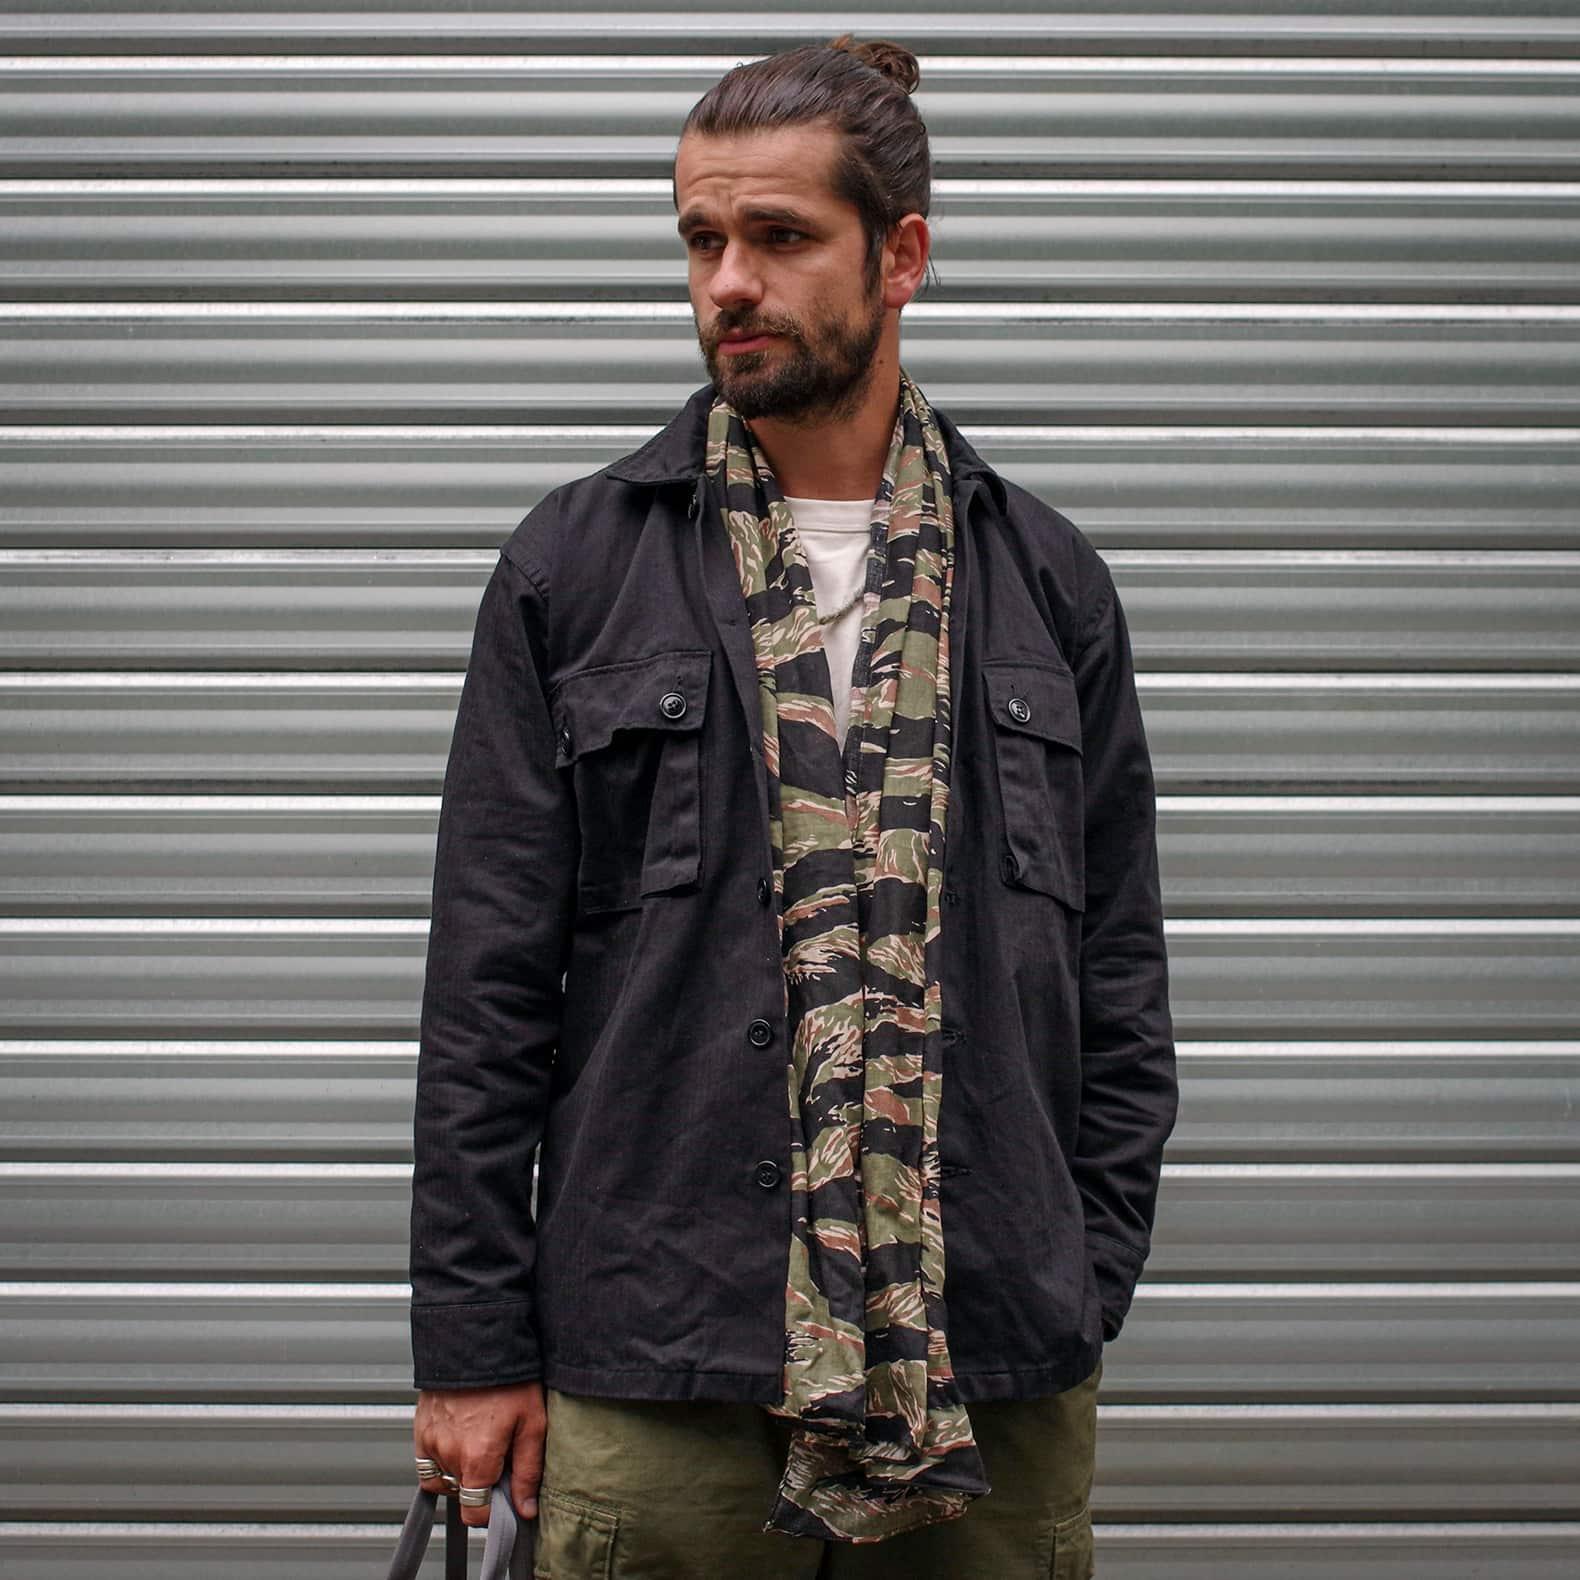 chemise militaire noire et foulard imprimé camouflage tiger stripe